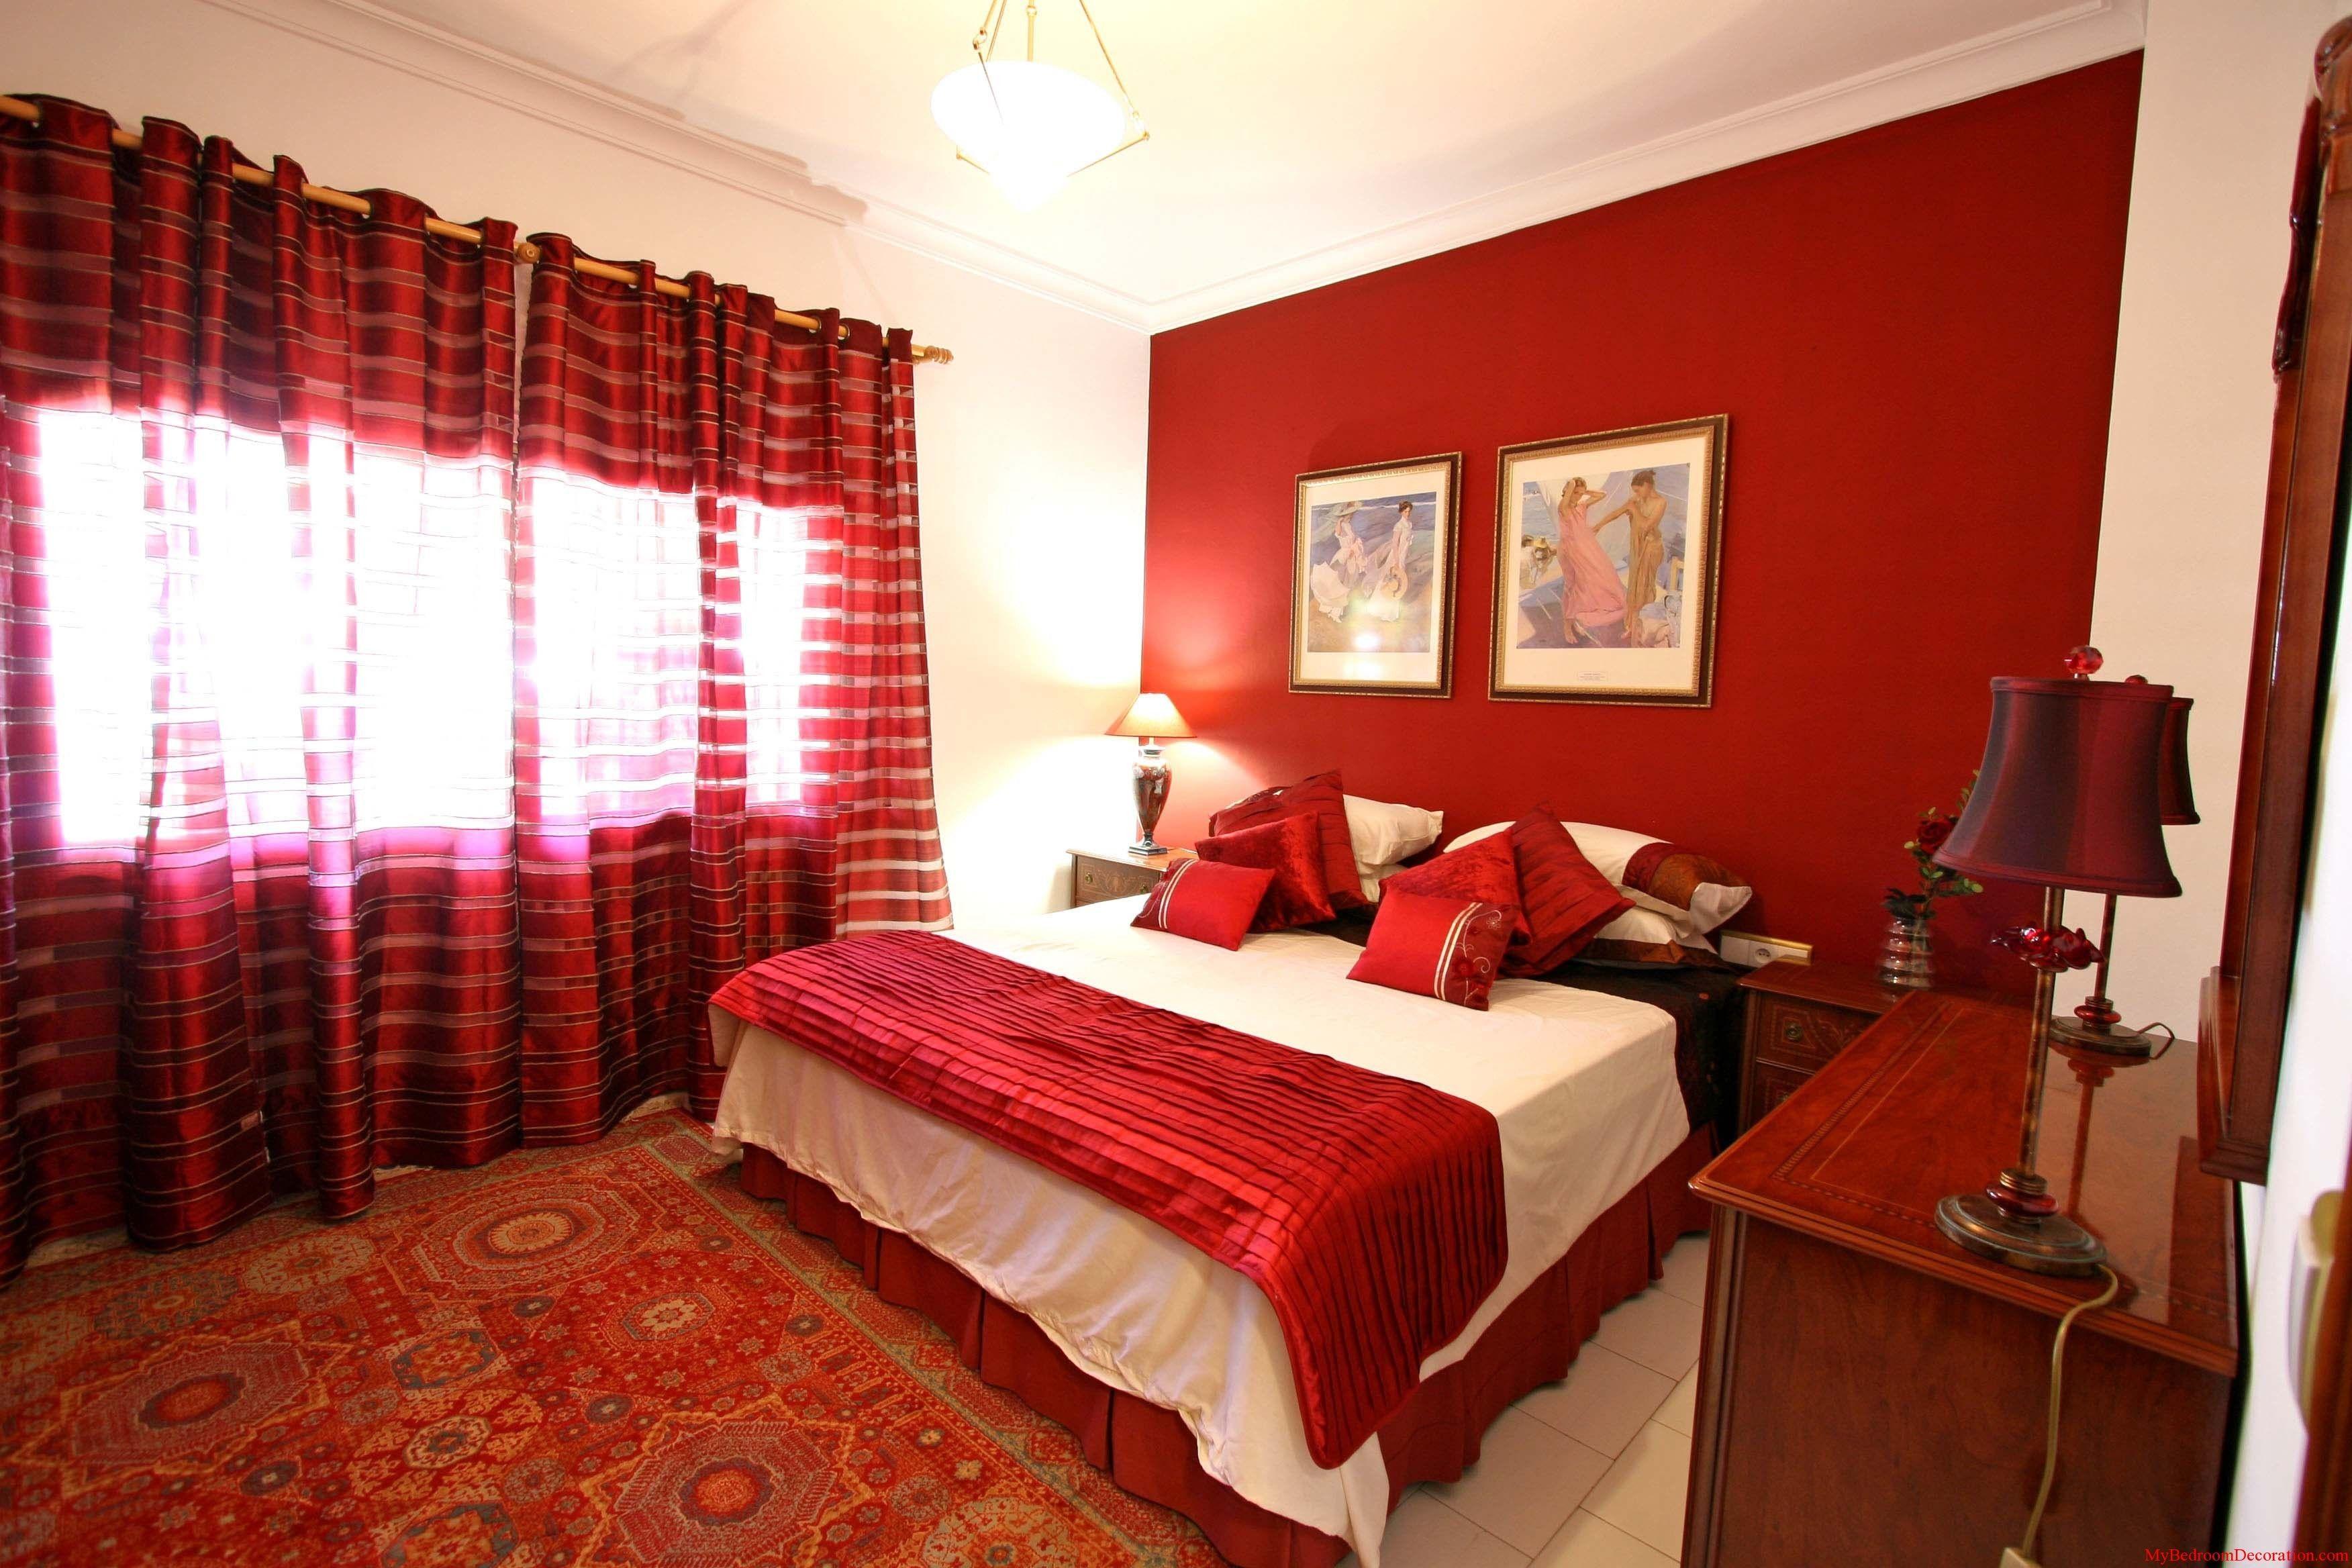 Image Result For Warm Color Schemes Bedroom Red Bedroom Design Red Bedroom Decor Valentine Bedroom Decor